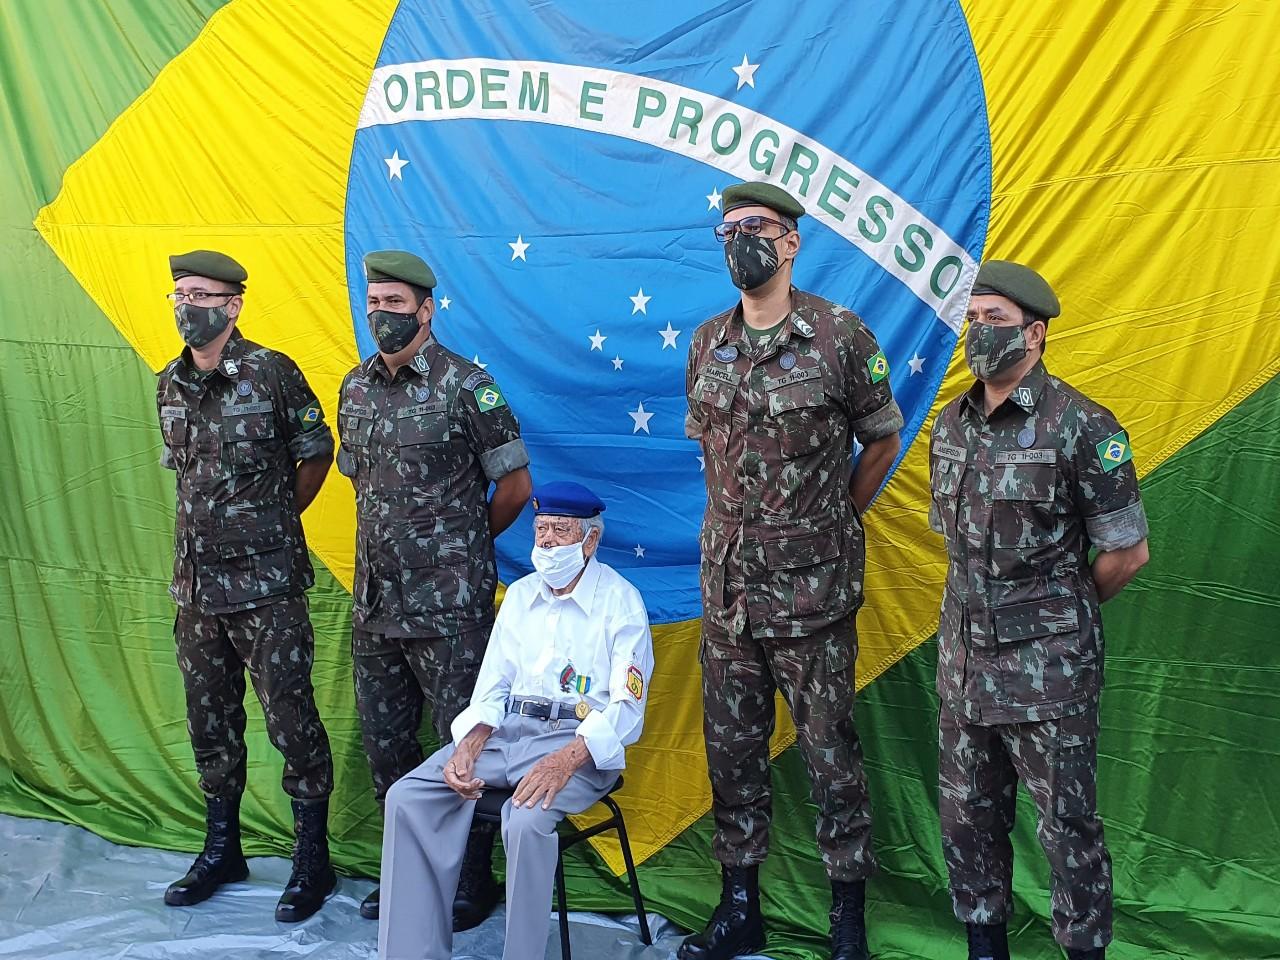 Tiro de Guerra de Uberaba presta homenagem ao Ex-combatente da Força Expedicionária Brasileira em seu centenário de vida